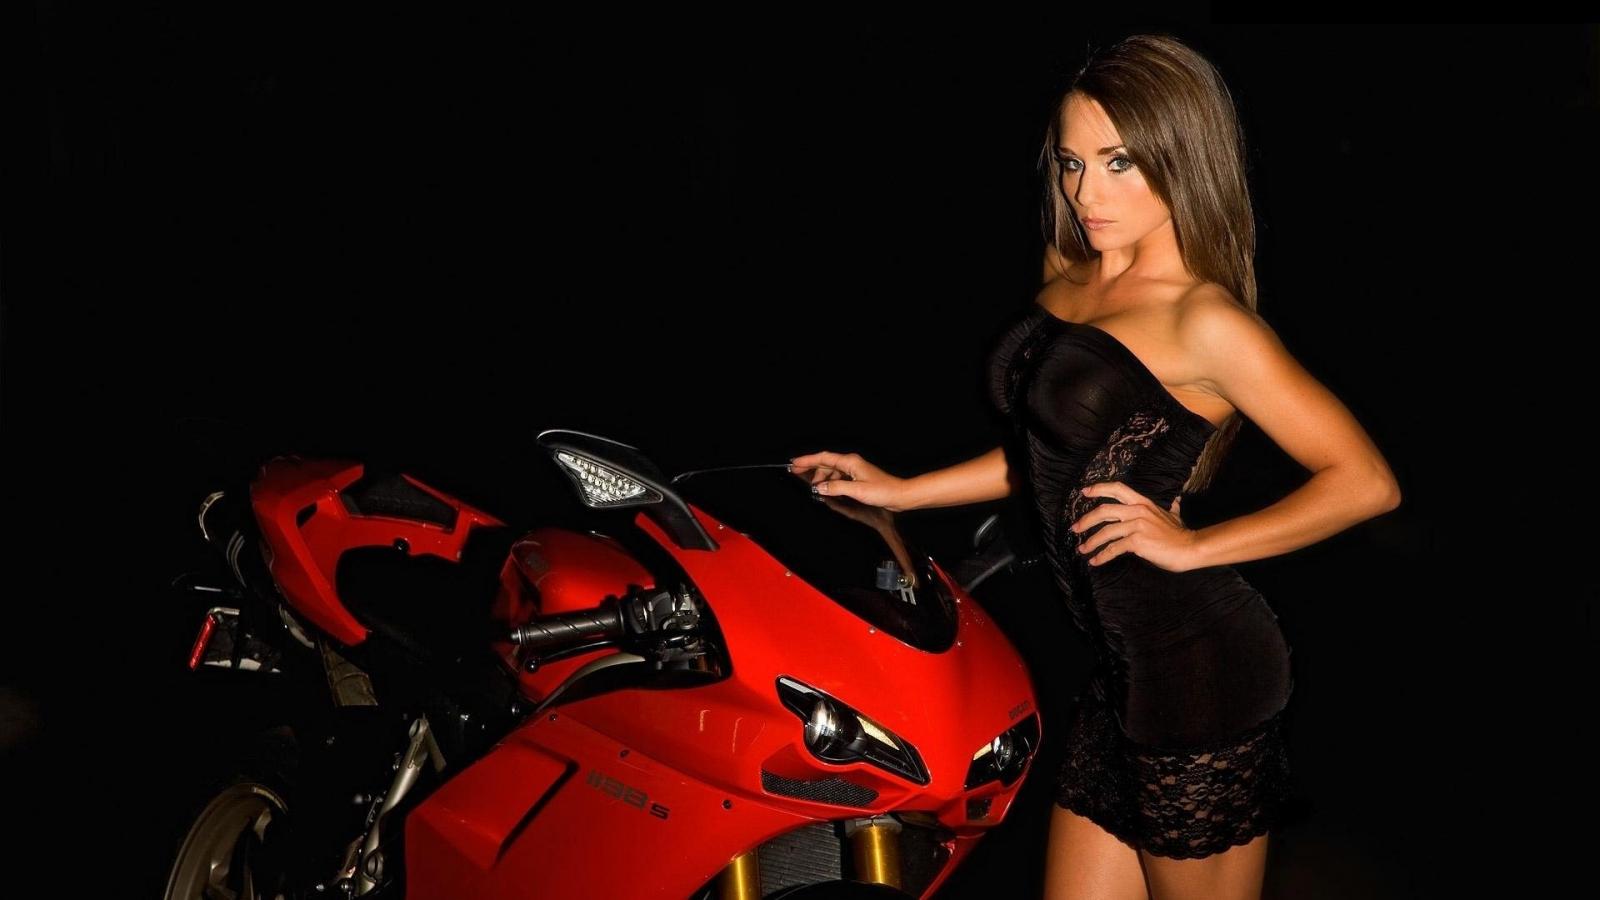 Una Ducati y una modelo - 1600x900